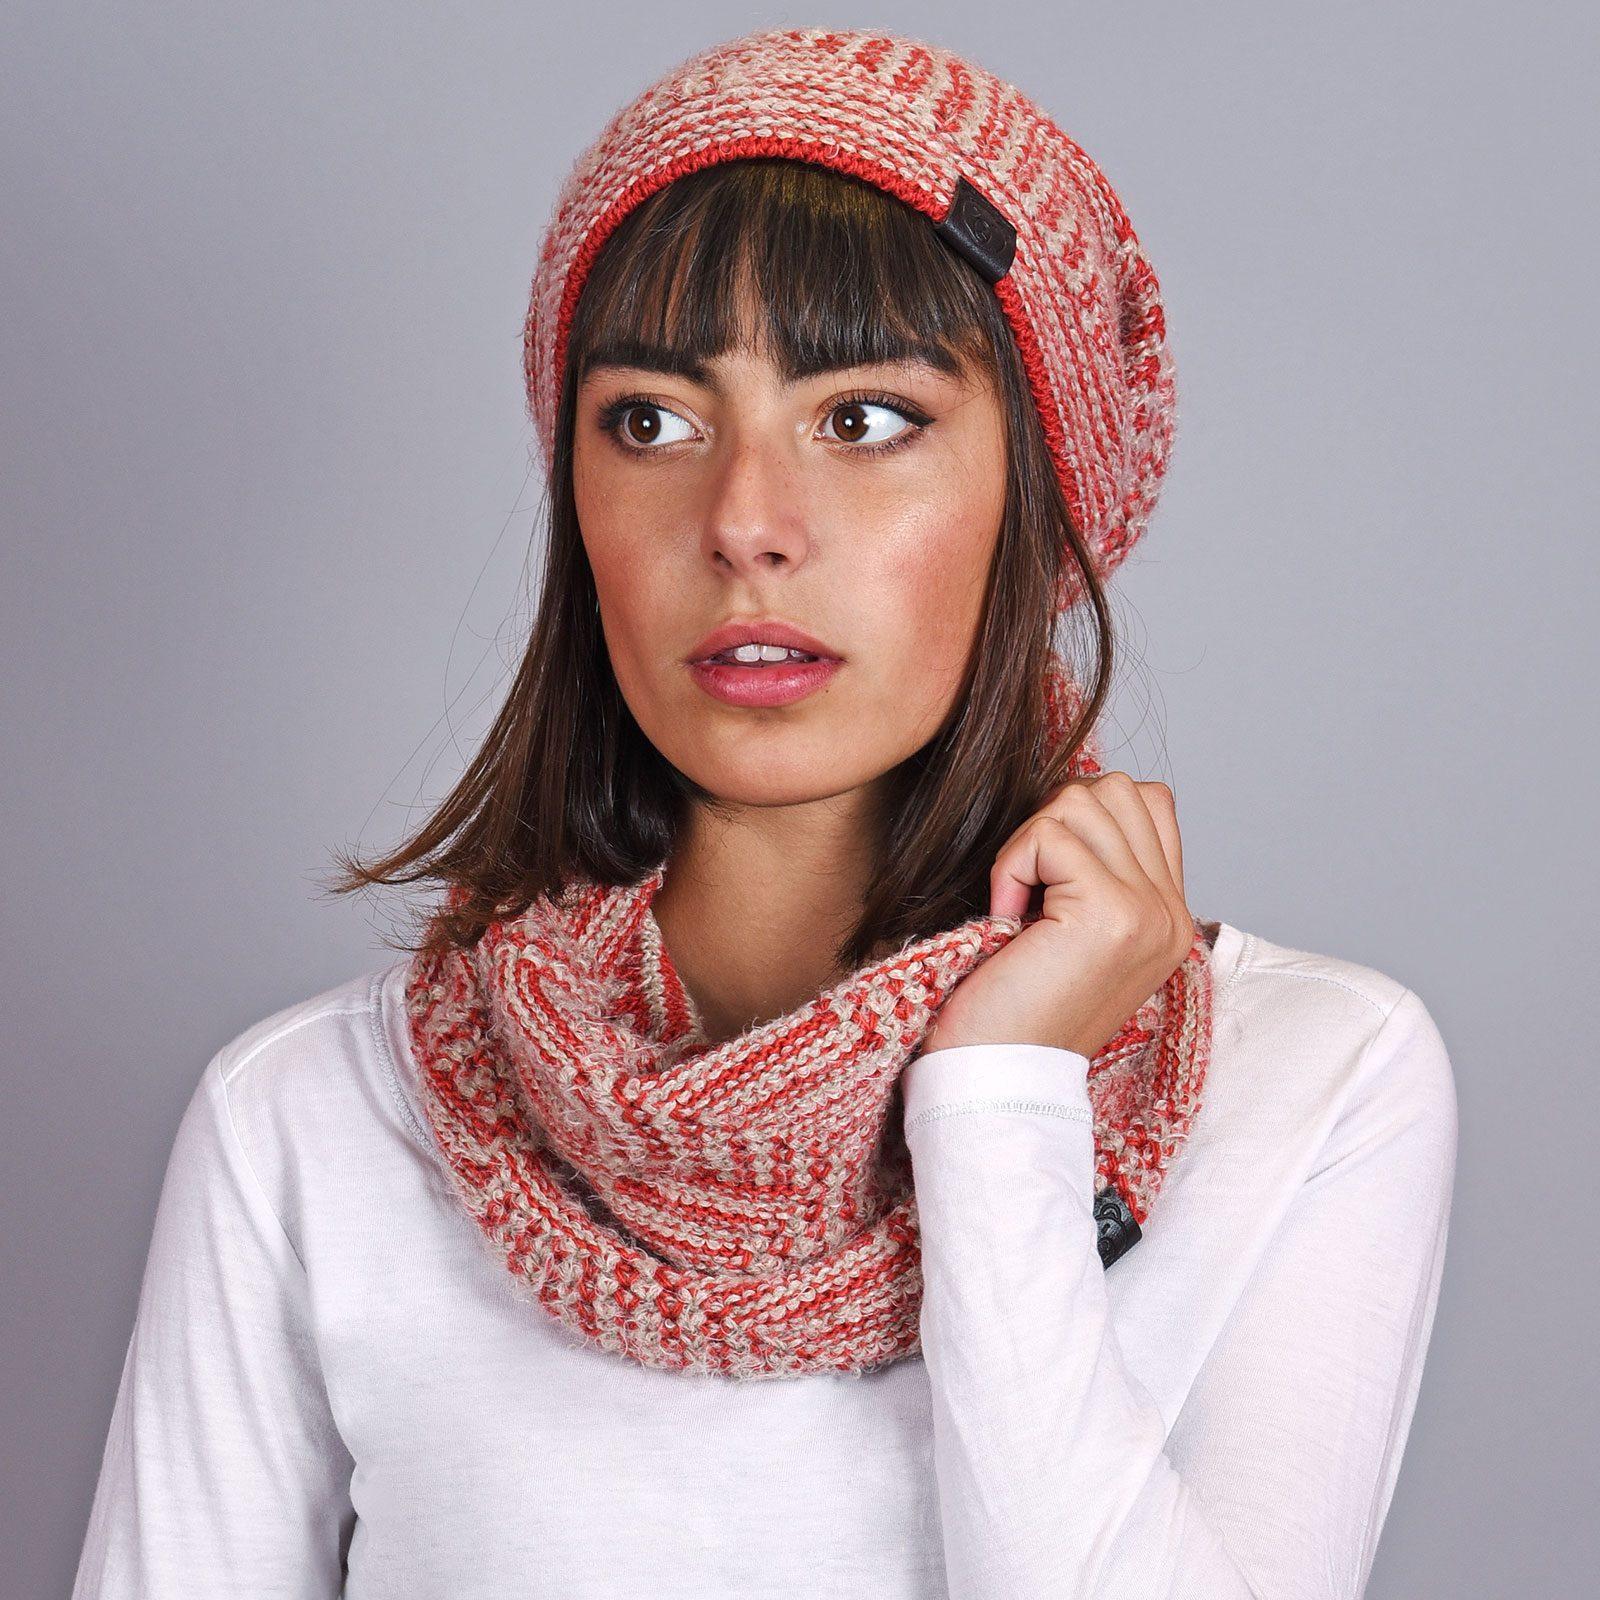 http://lookbook.allee-du-foulard.fr/wp-content/uploads/2018/12/AT-04591-VF16-snood-et-bonnet-rouge-creme-1600x1600.jpg